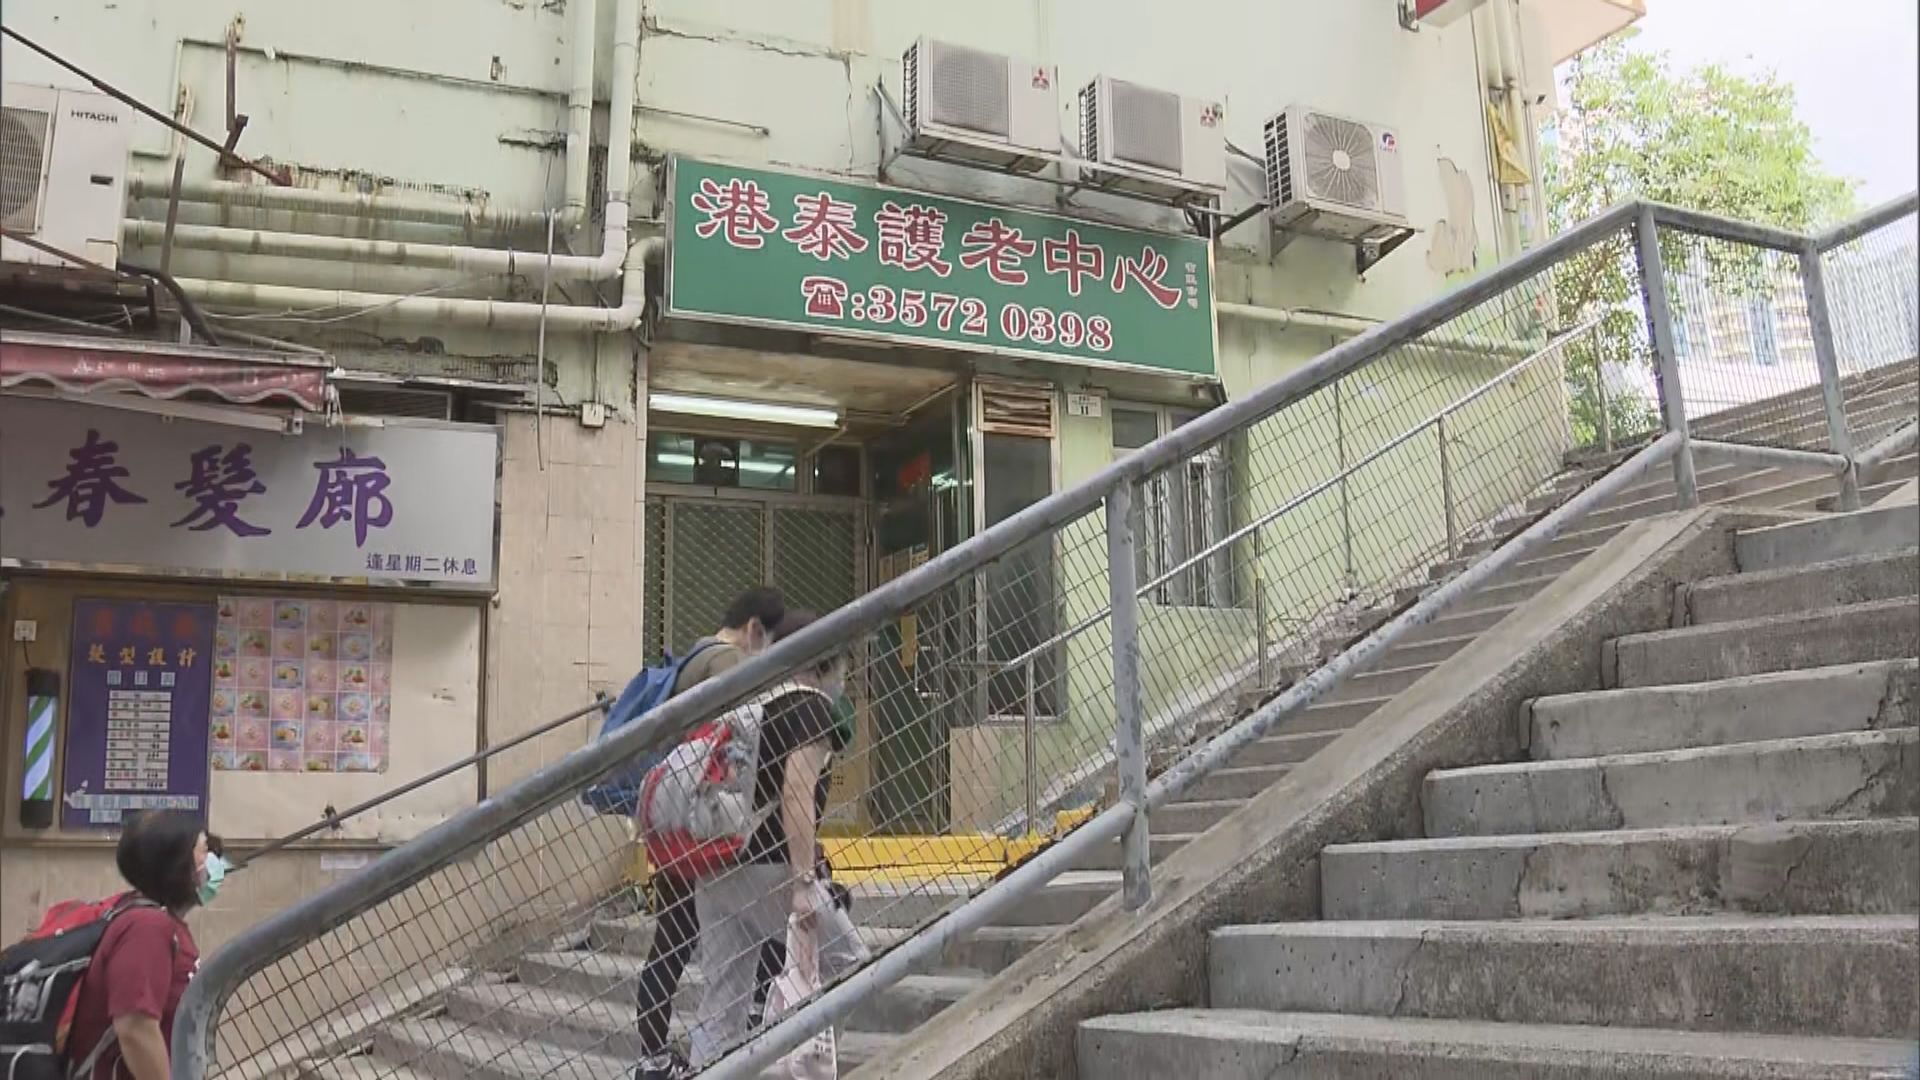 消息:慈雲山港泰護老中心至少五名職員初步確診